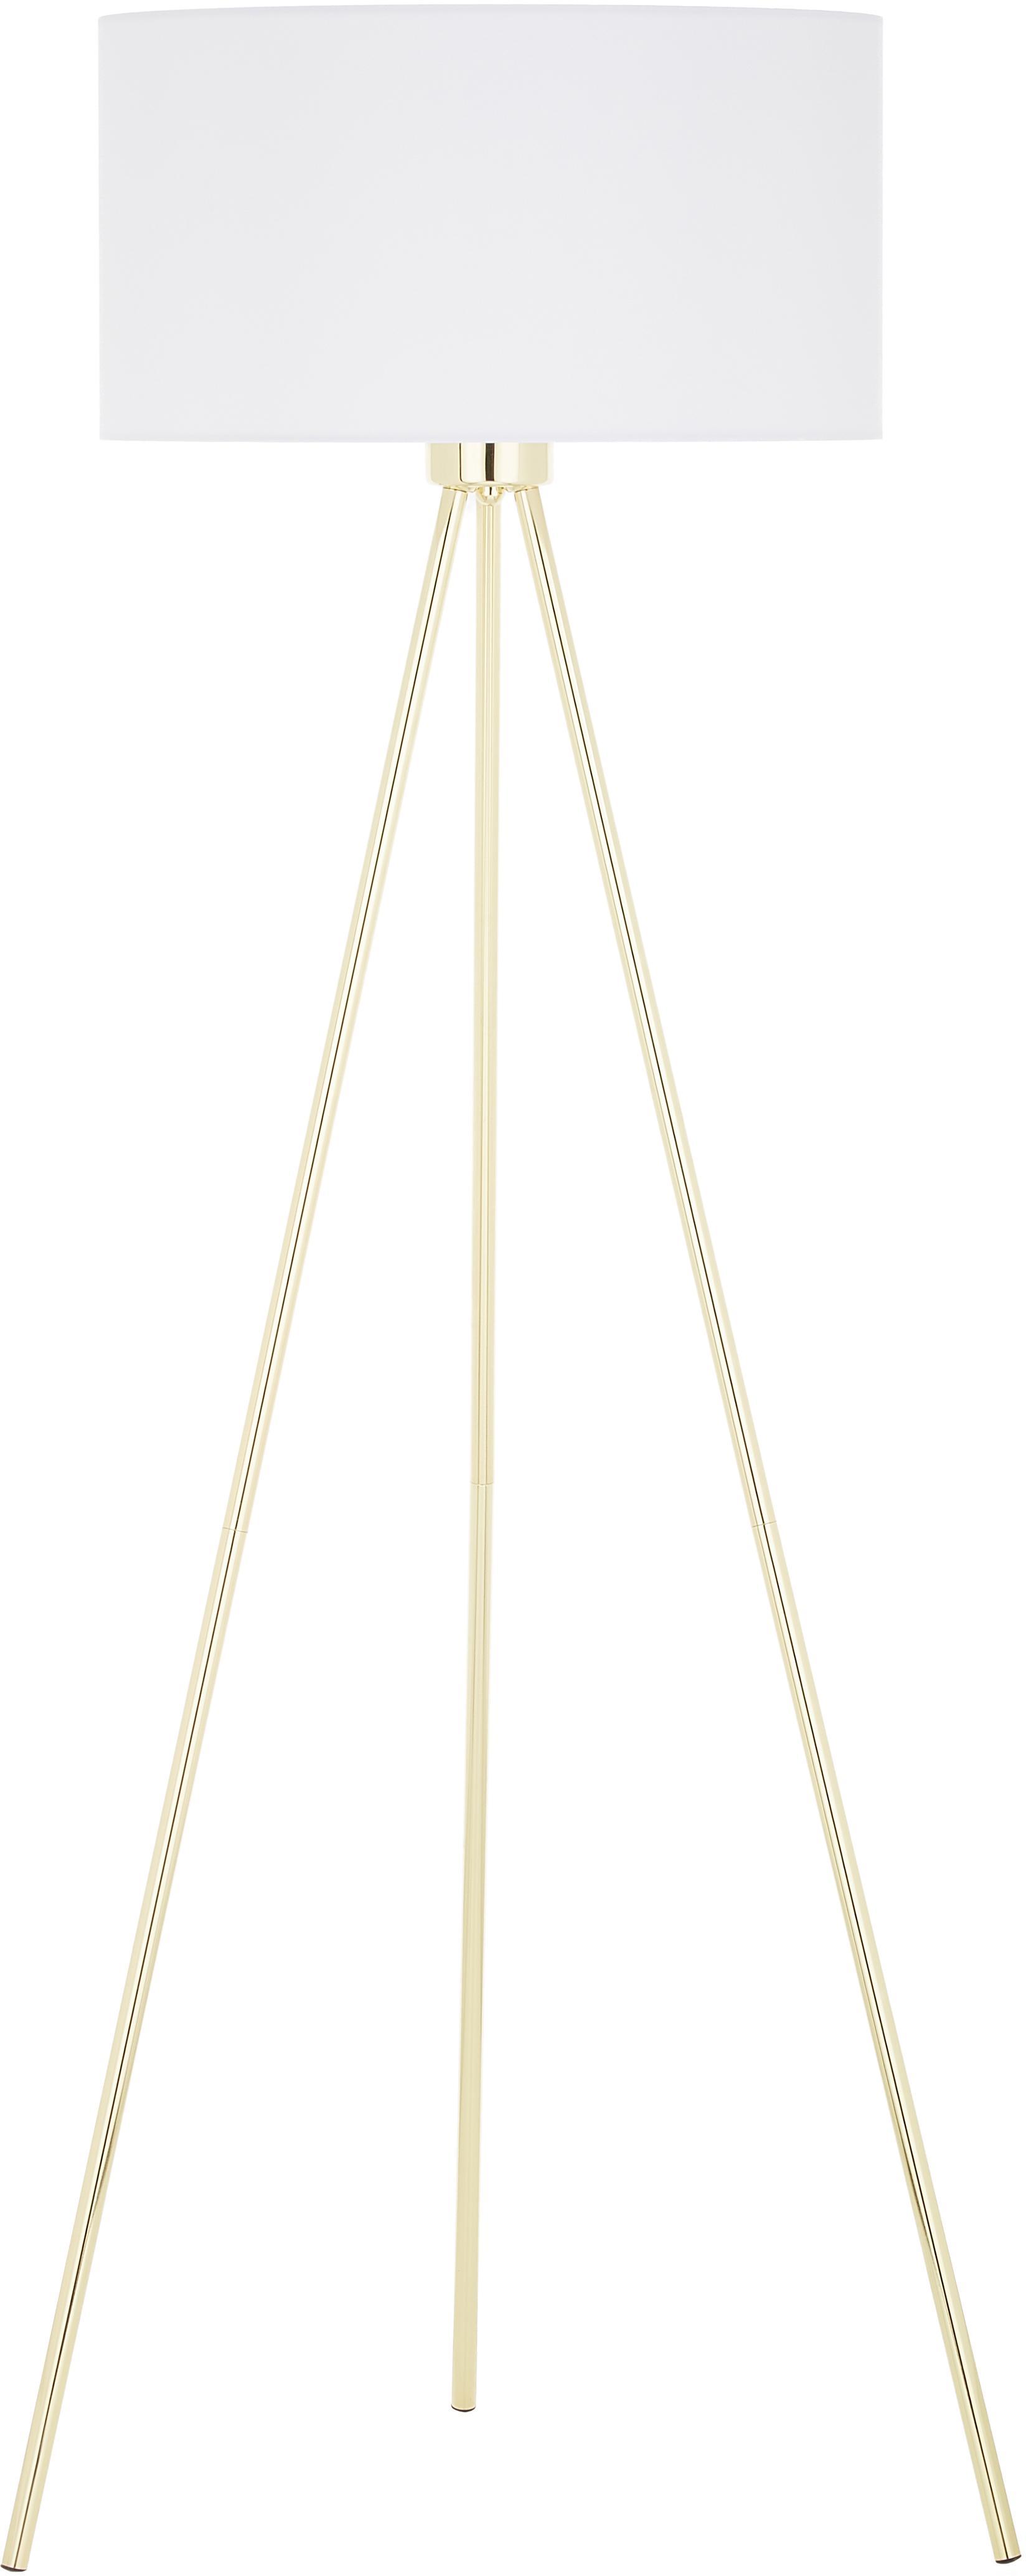 Stehlampe Cella, Lampenschirm: Baumwolle, Lampenfuss: Goldfarben, glänzendLampenschirm: Weiss, Ø 45 x H 148 cm